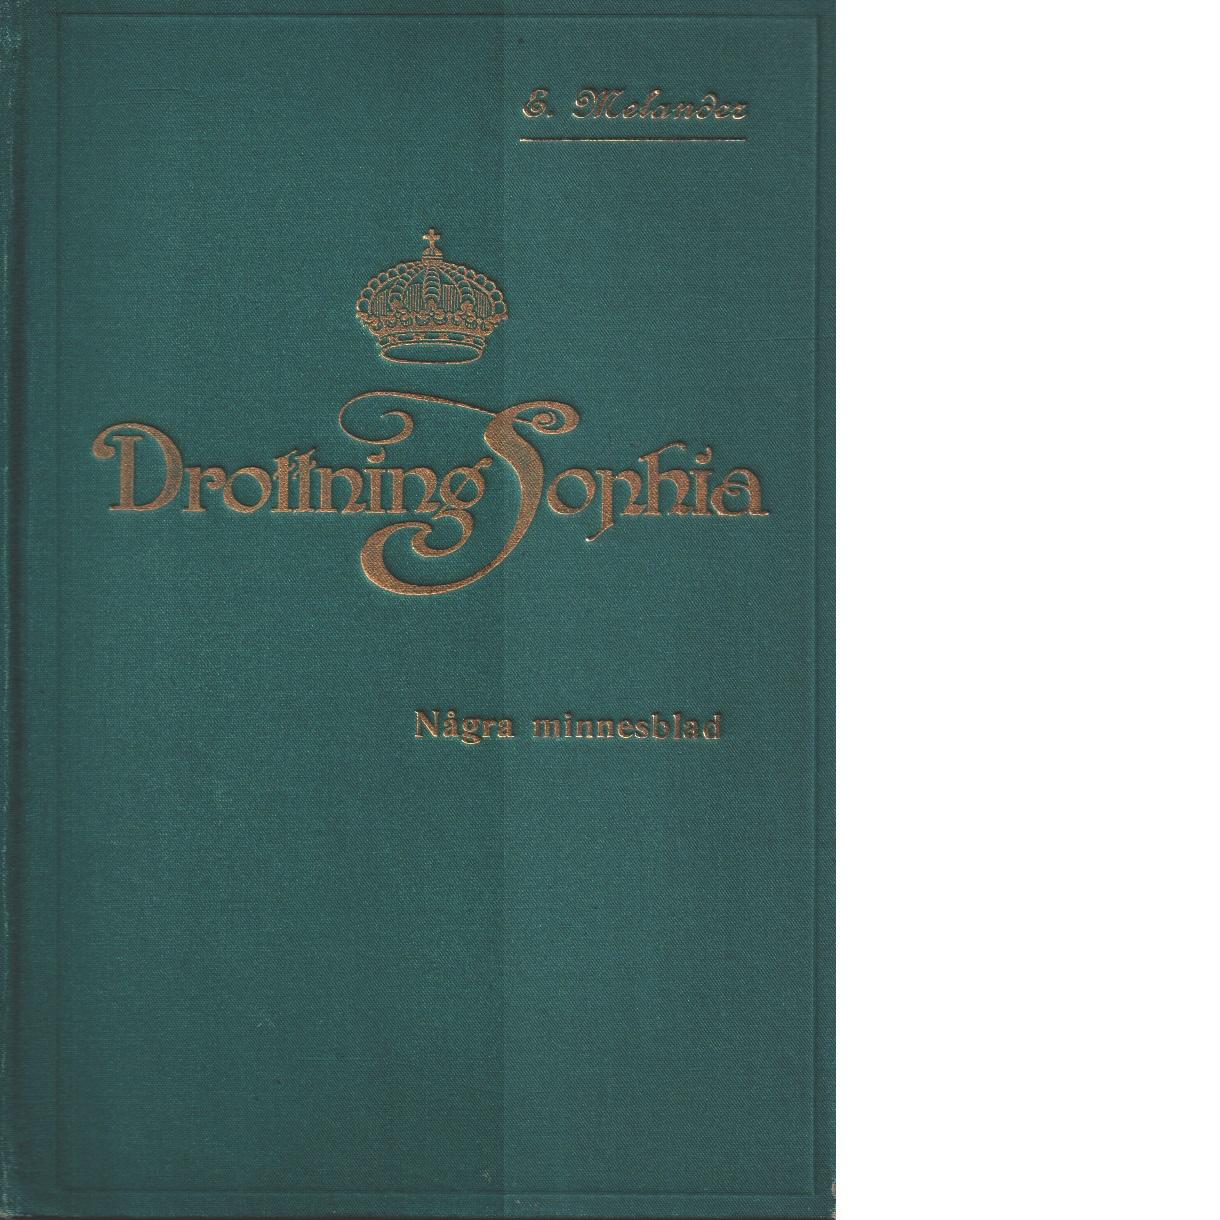 Drottning Sophia : några minnesblad - Melander, Emil